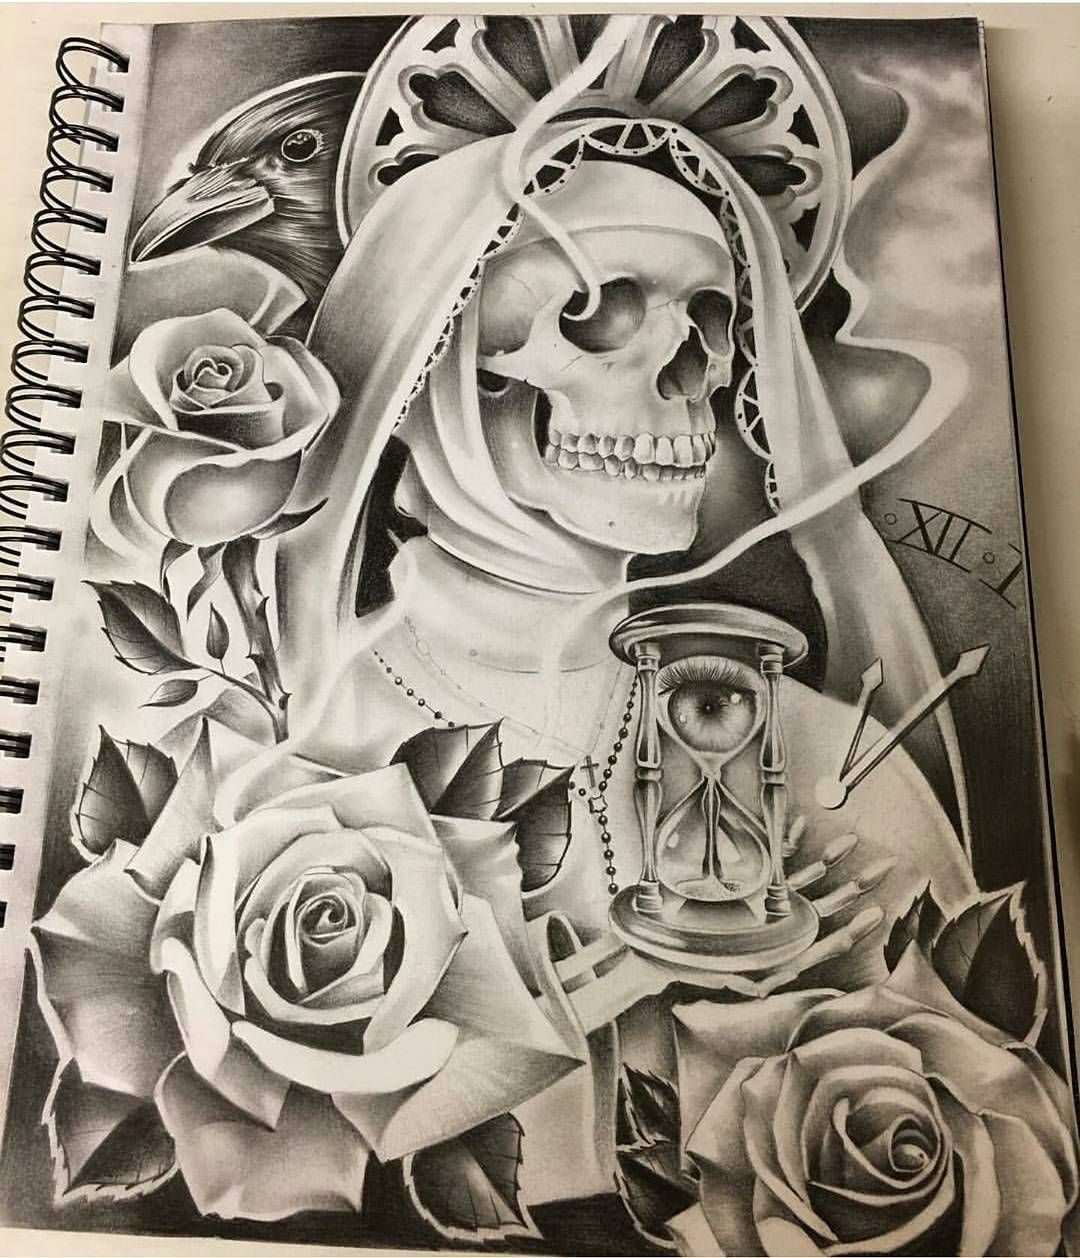 Dibujos De San La Muerte Tatuaje De Muerte Tatuajes De Santa Muerte Diseno De Tatuaje De Calavera